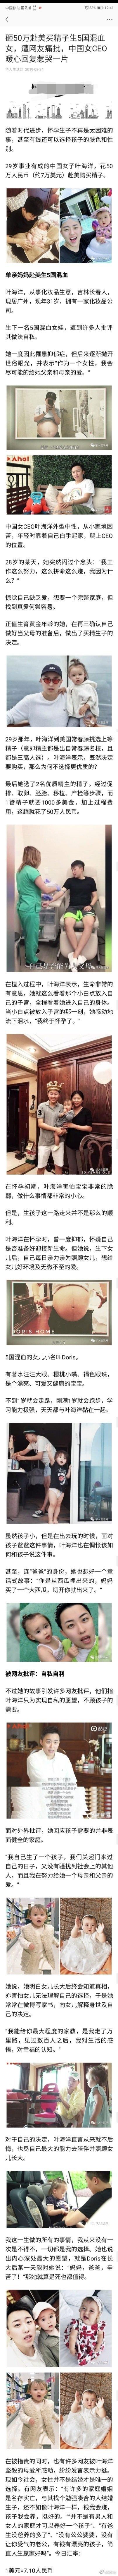 2019年事件回顾:中国美女CEO砸50万赴美买精子生5国混血女